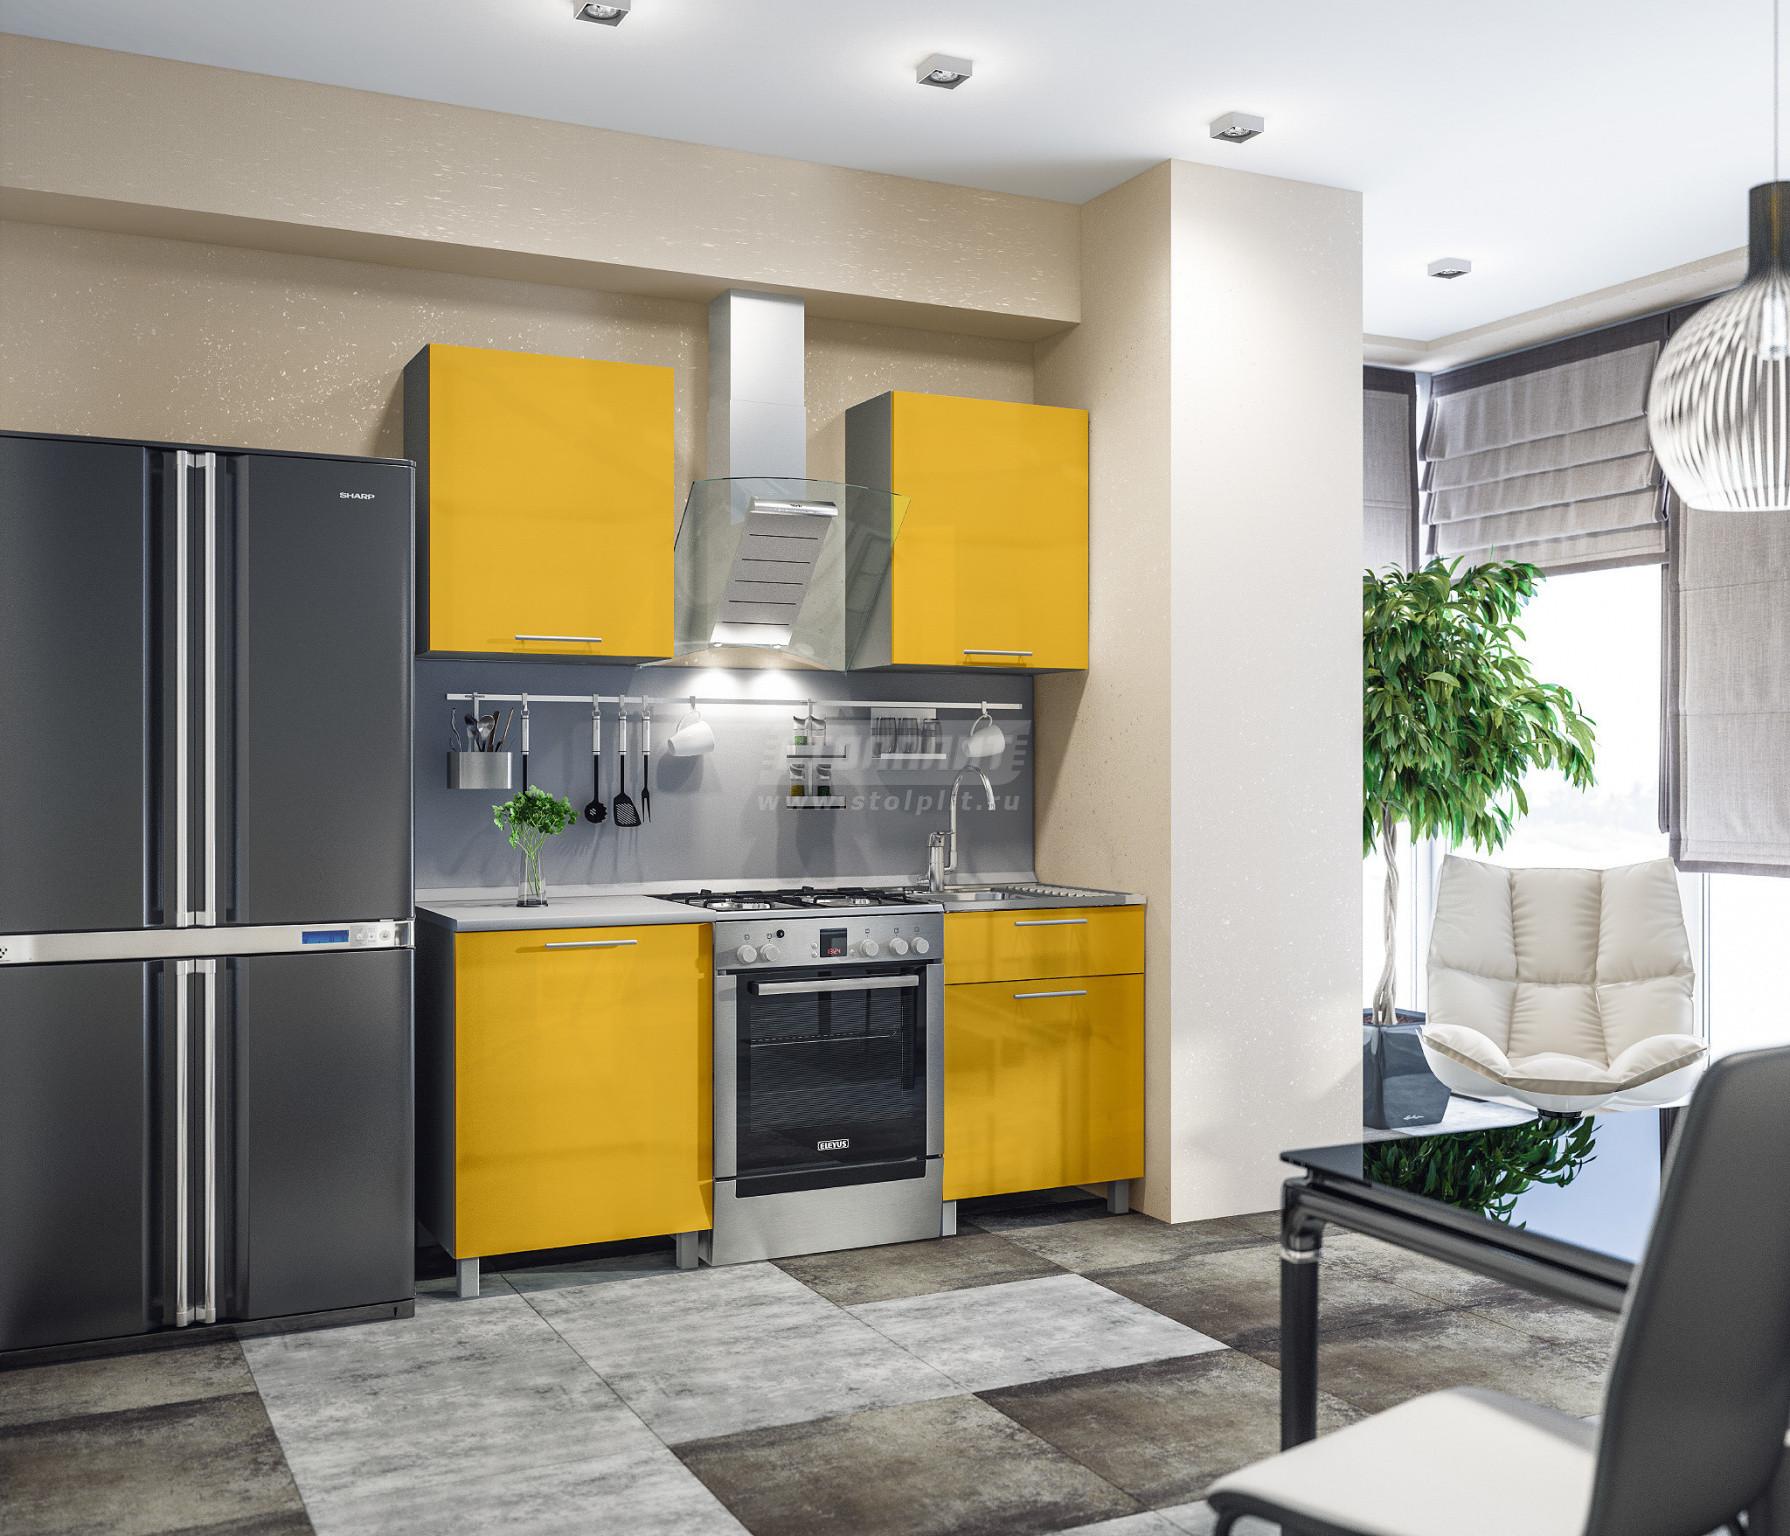 Кухня Столплит Анна L-1800 алюминий/желтый глянец/серебро 120x214x60 см